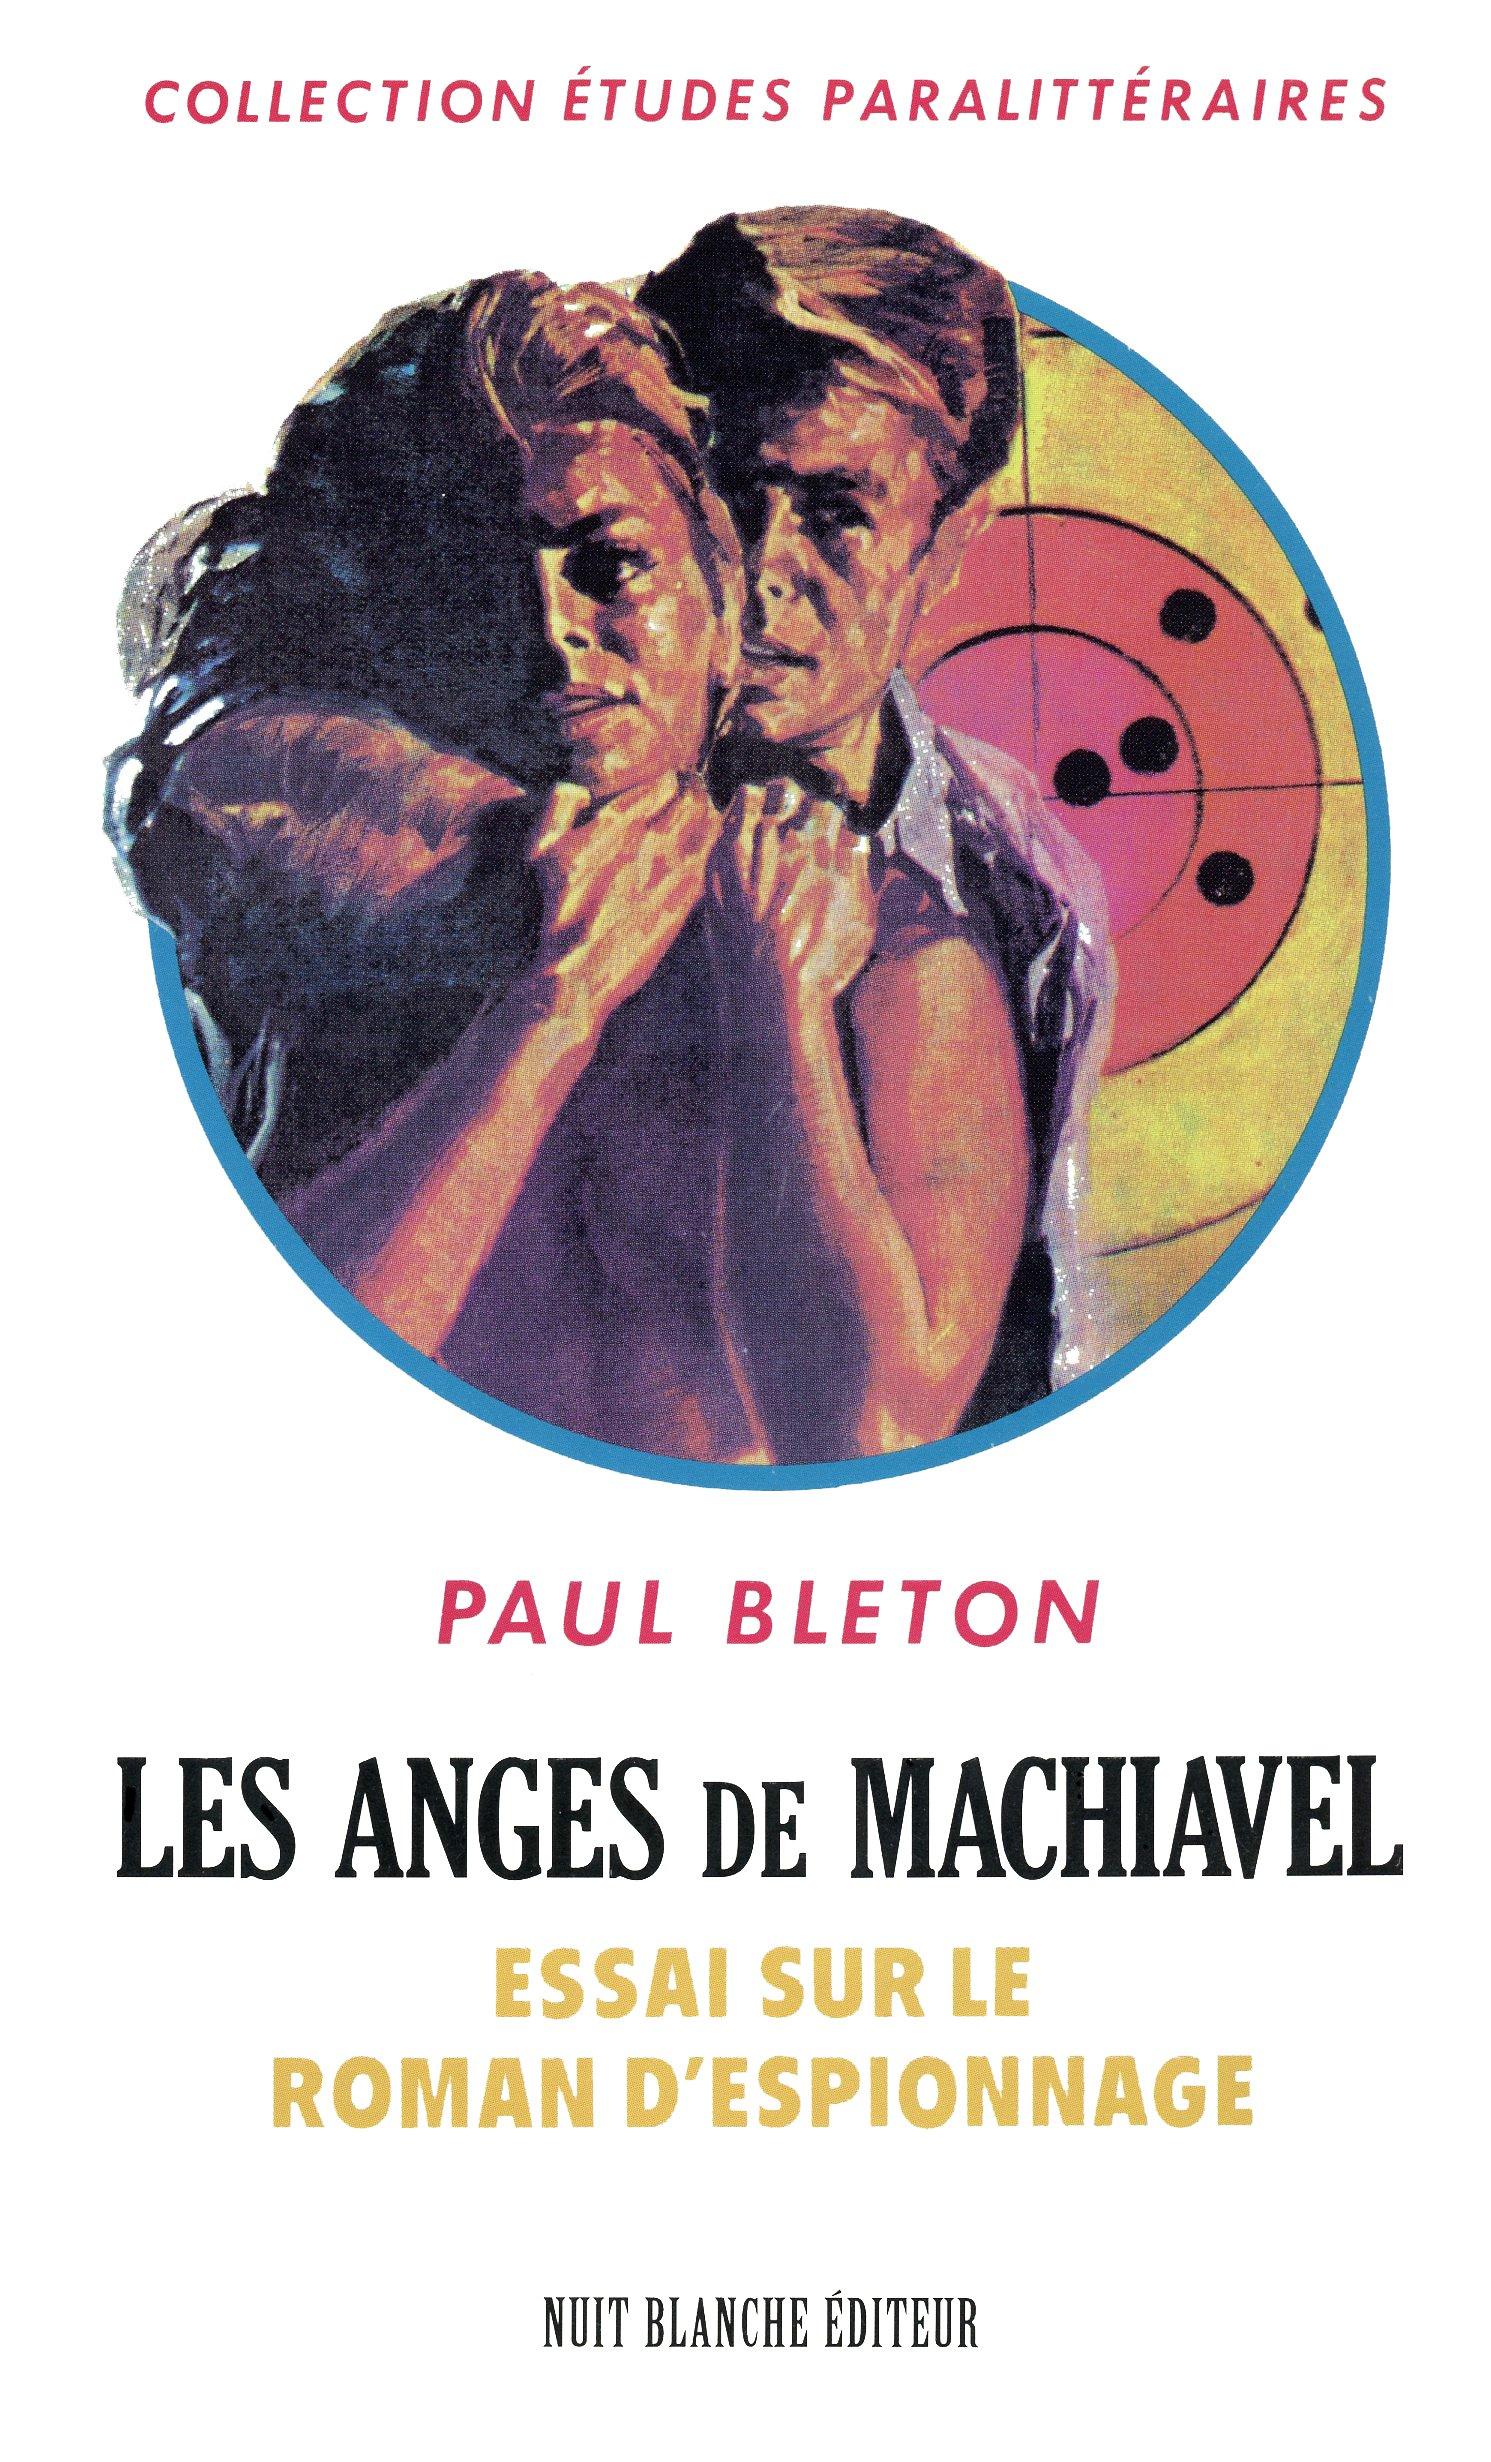 les anges de Machiavel | essai sur l'espionnage